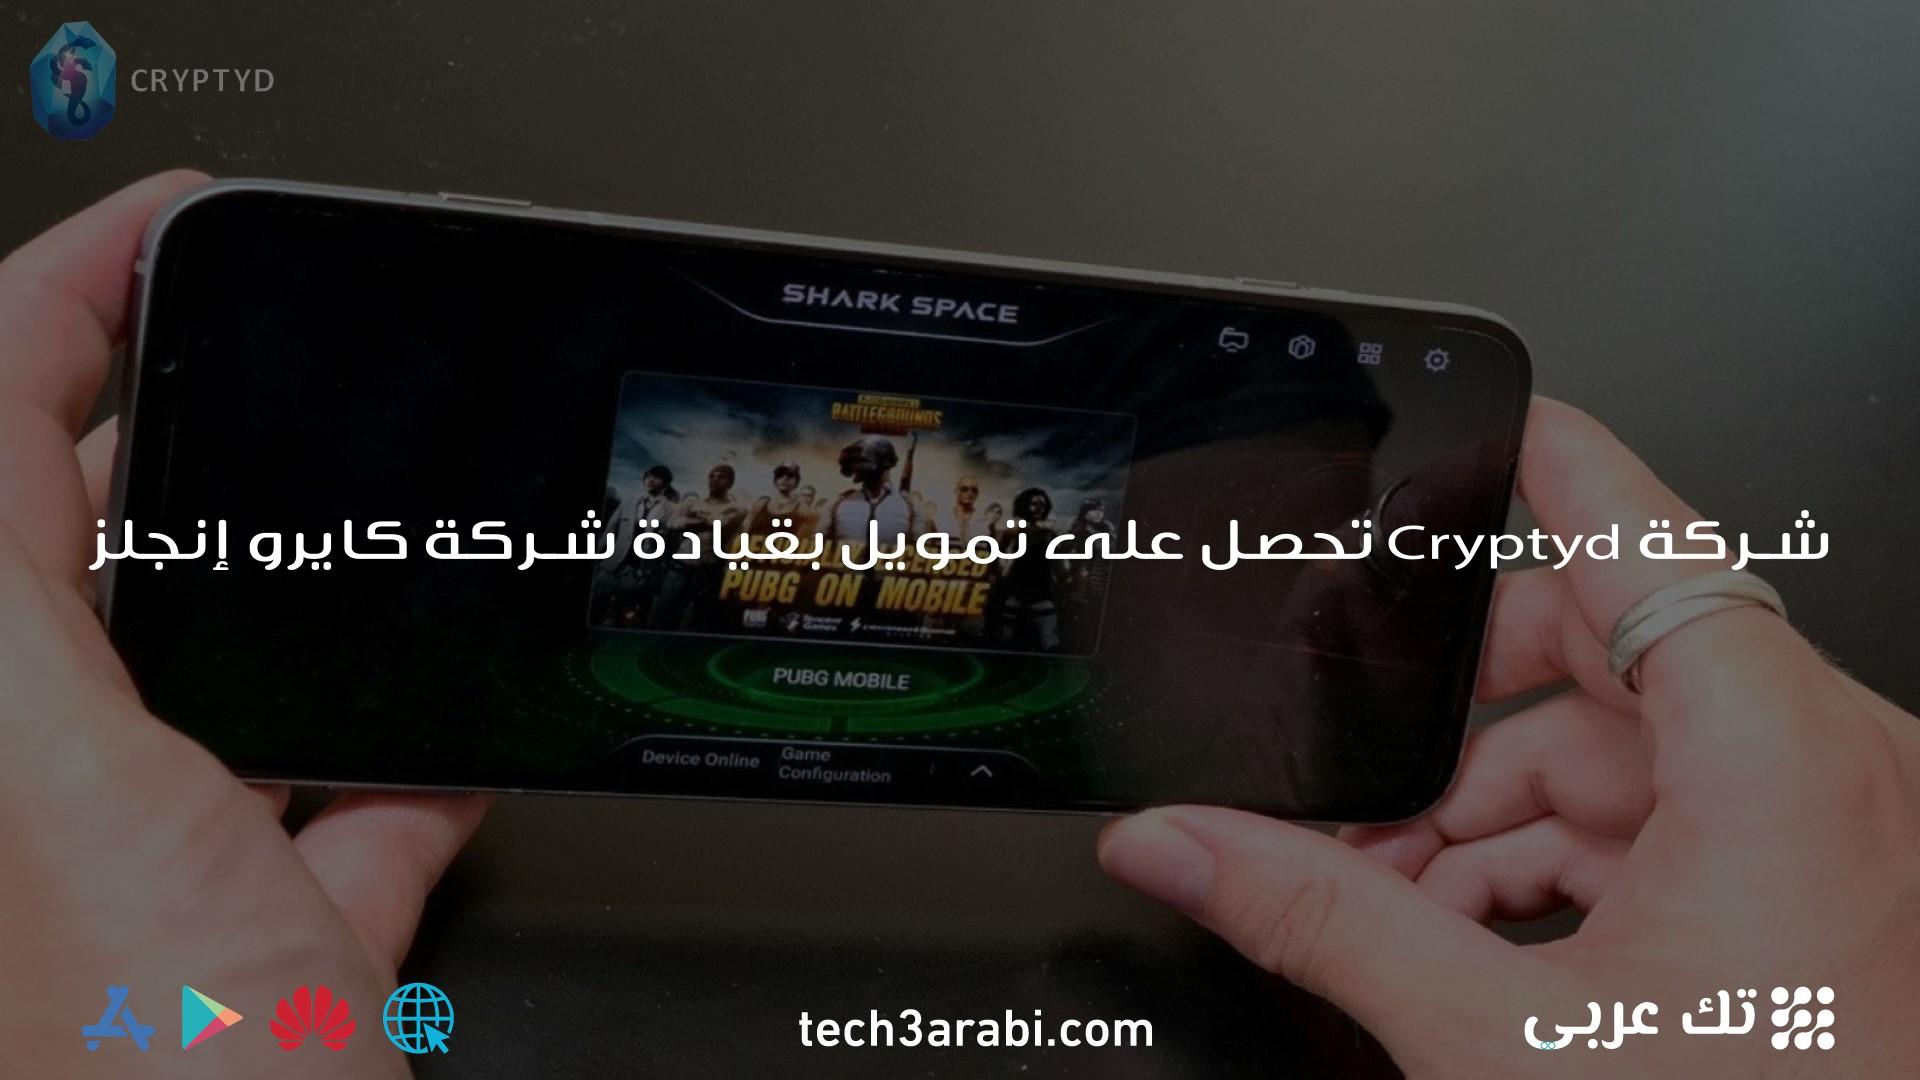 شركة Cryptyd تحصل على تمويل بقيادة شركتي كايرو إنجلز والإسكندرية إنجلز